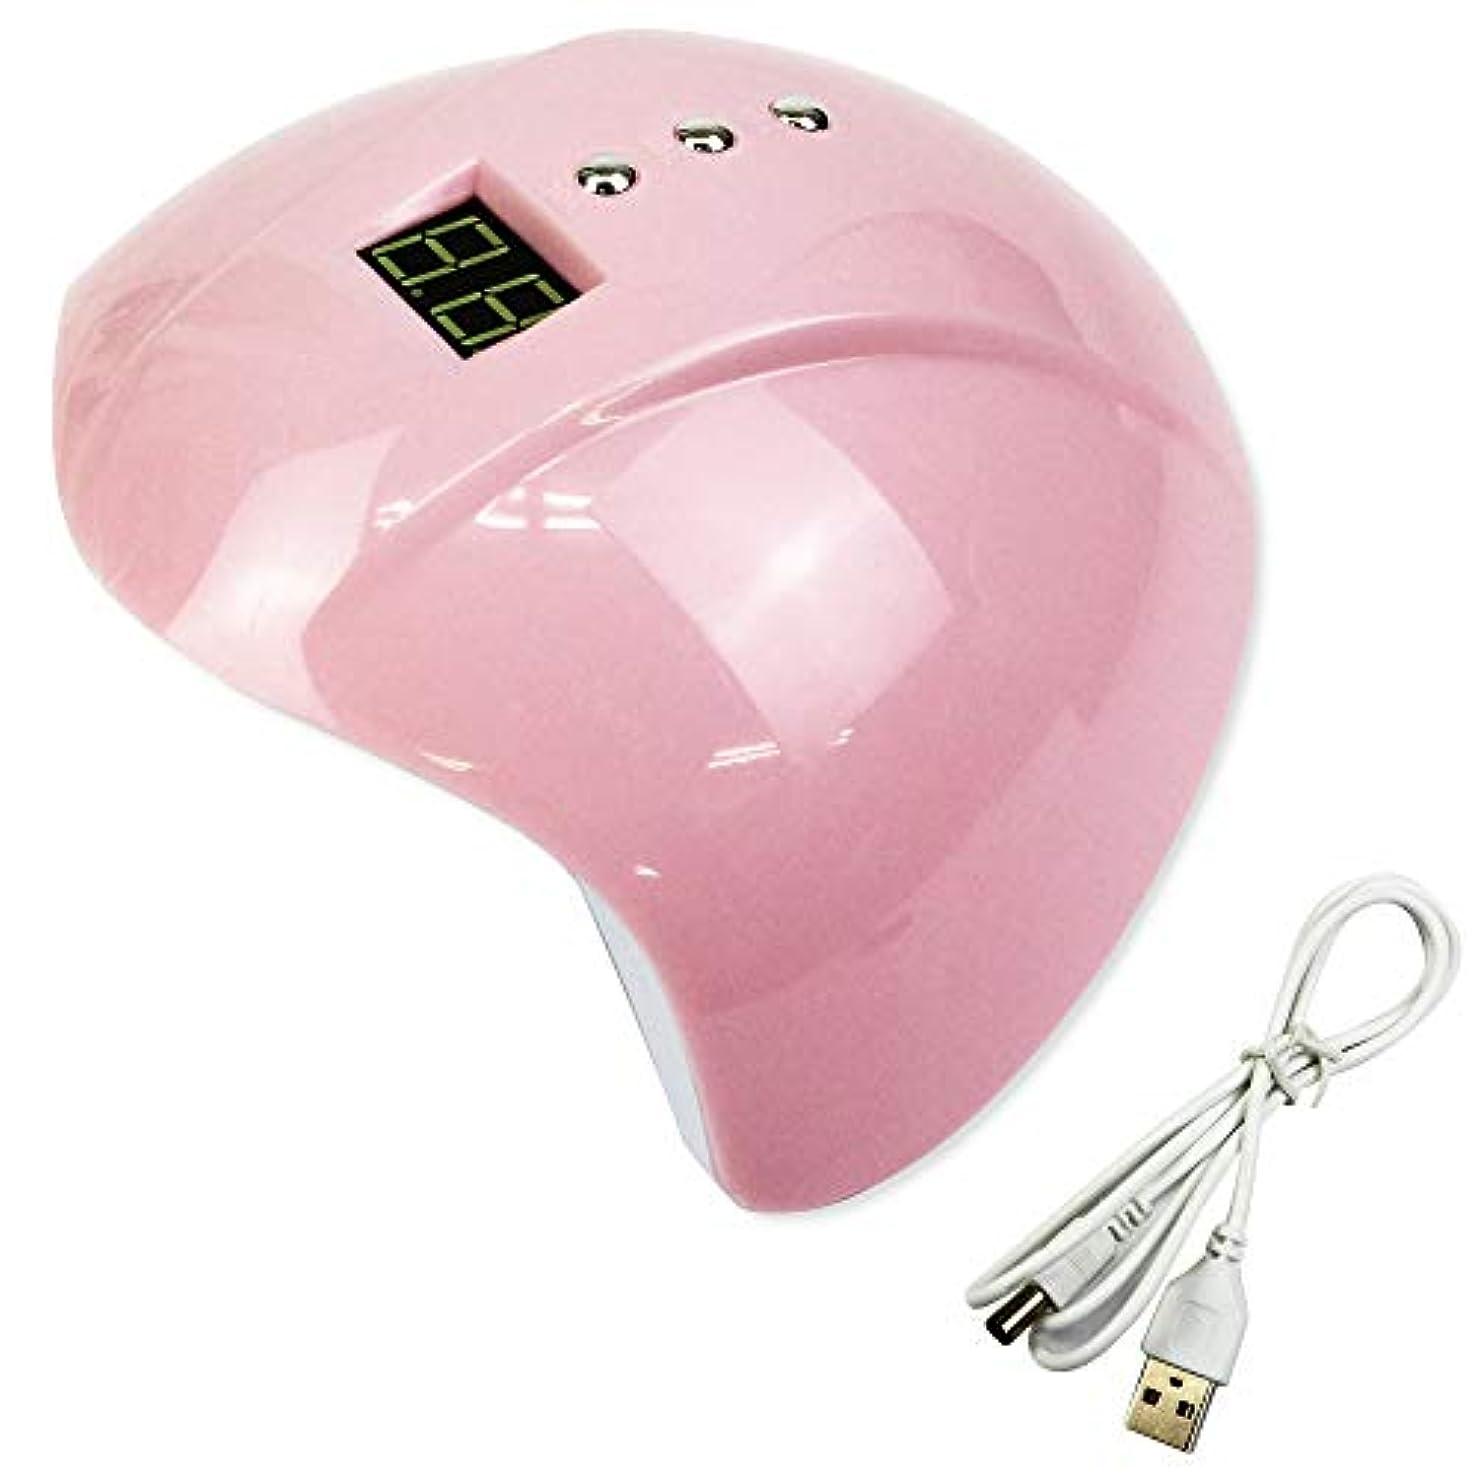 天窓会計士加入MUGEN ネイル LEDライト 硬化 ネイルドライヤー ジェルネイル UVライト 3段階タイマー ネイル道具 (ピンク)